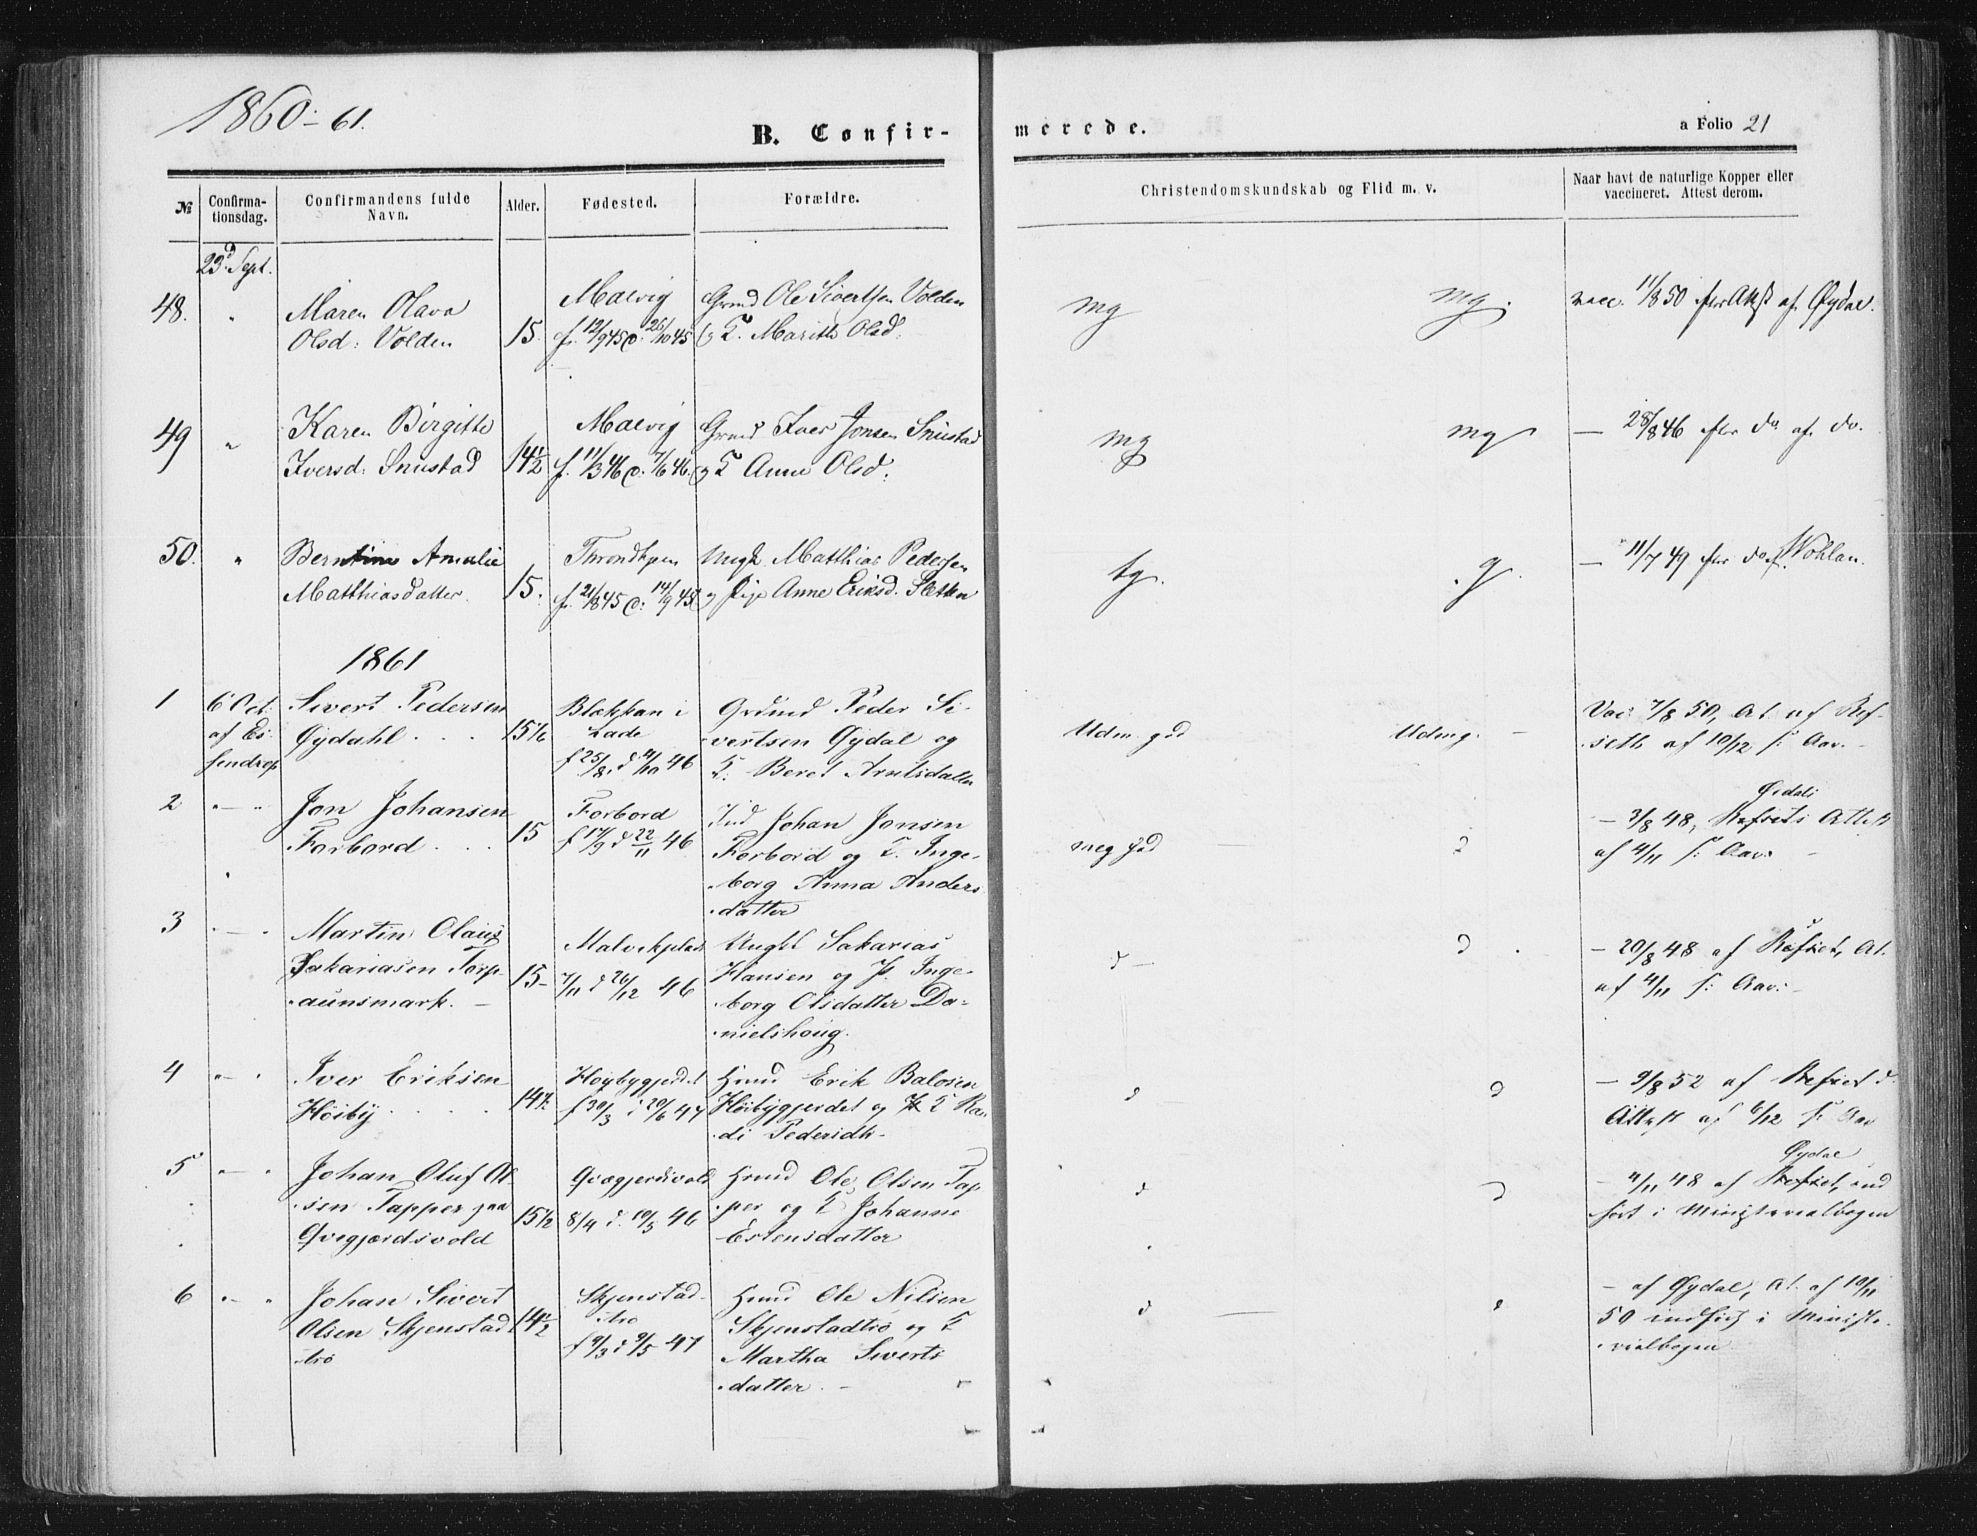 SAT, Ministerialprotokoller, klokkerbøker og fødselsregistre - Sør-Trøndelag, 616/L0408: Ministerialbok nr. 616A05, 1857-1865, s. 21